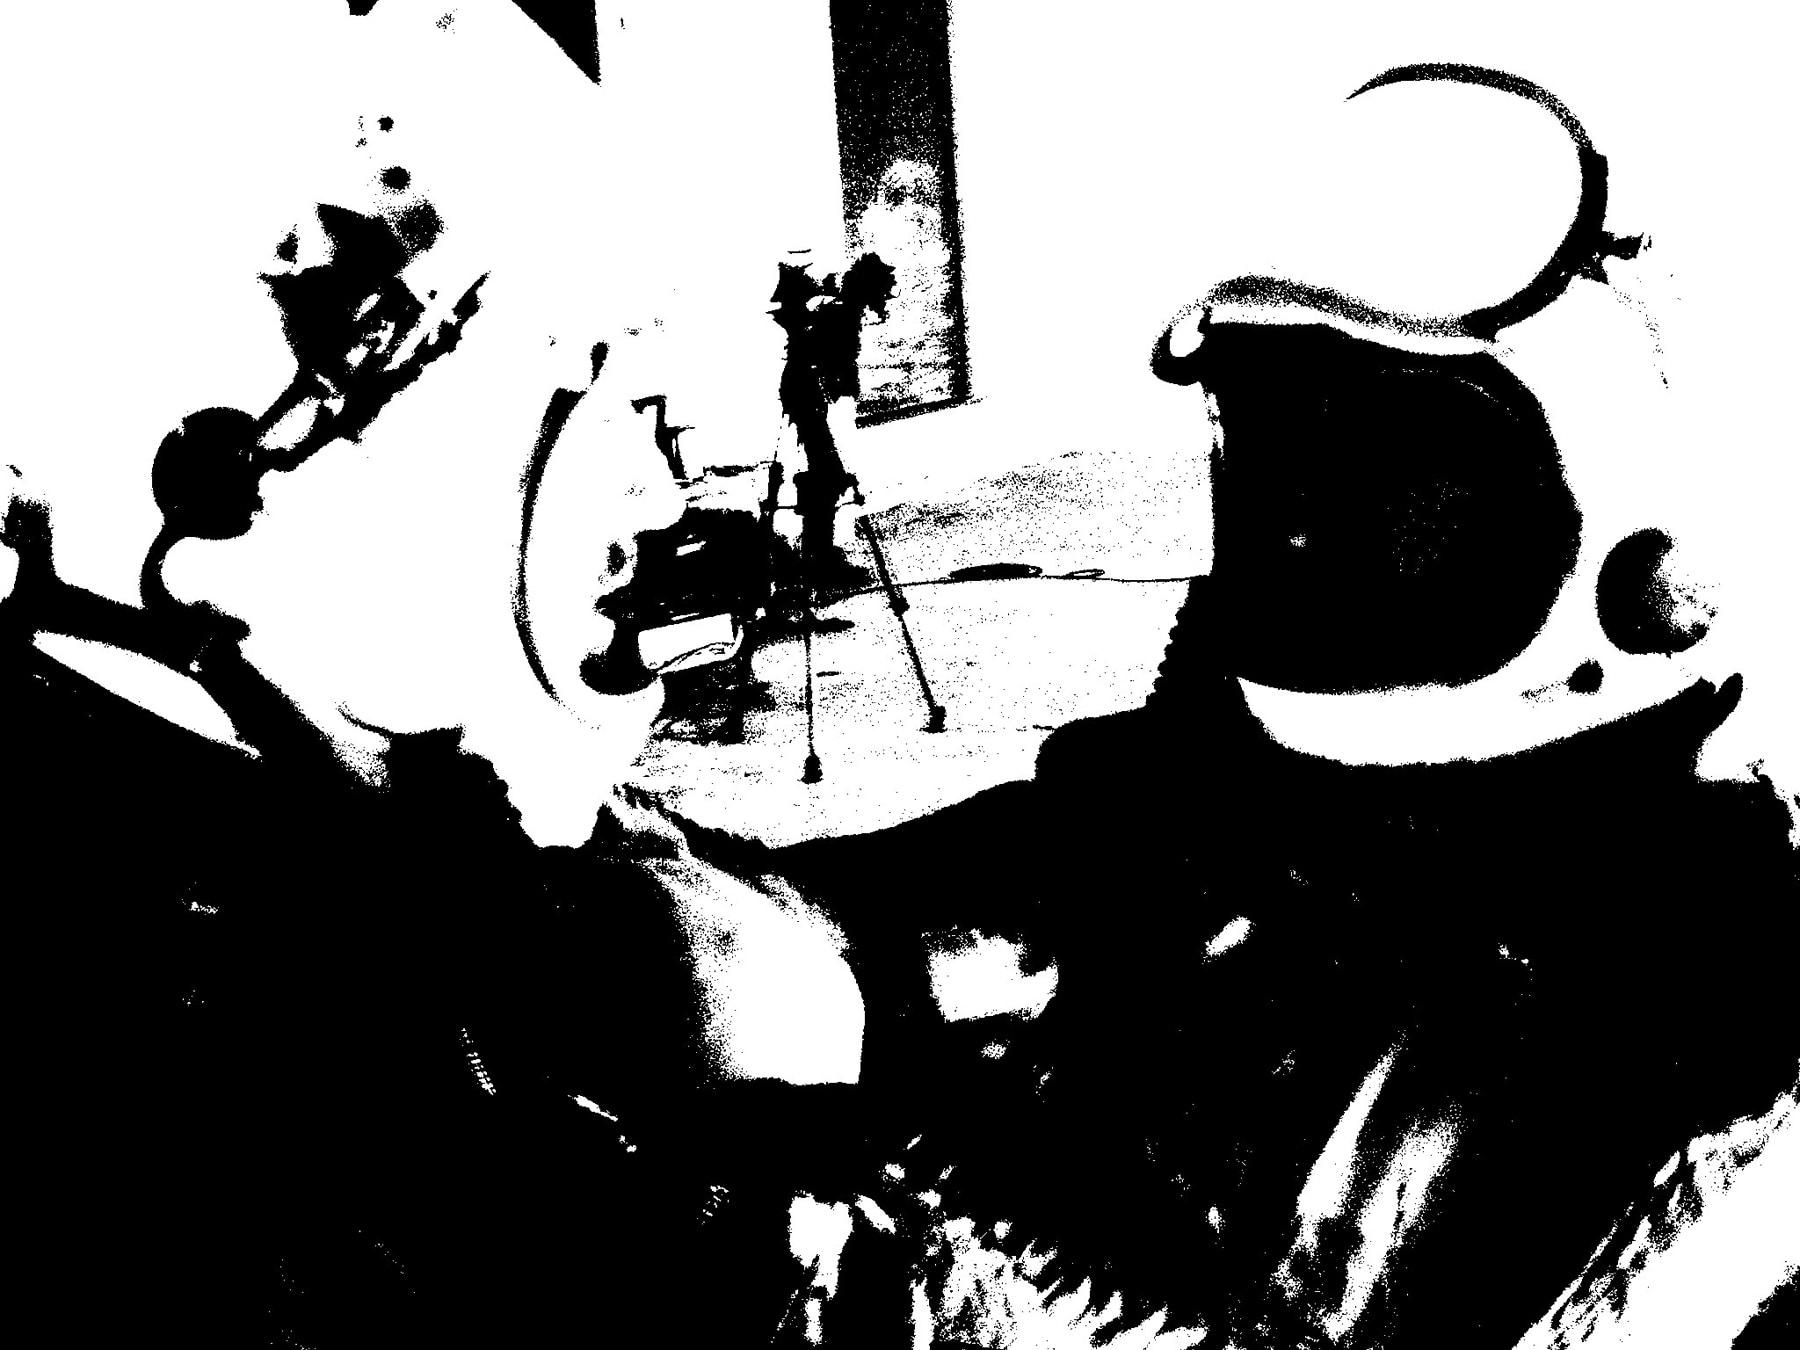 Detail afbeelding 5 van Meteor Musik (photography) | Ontwerp door Stefaan Beeckaert